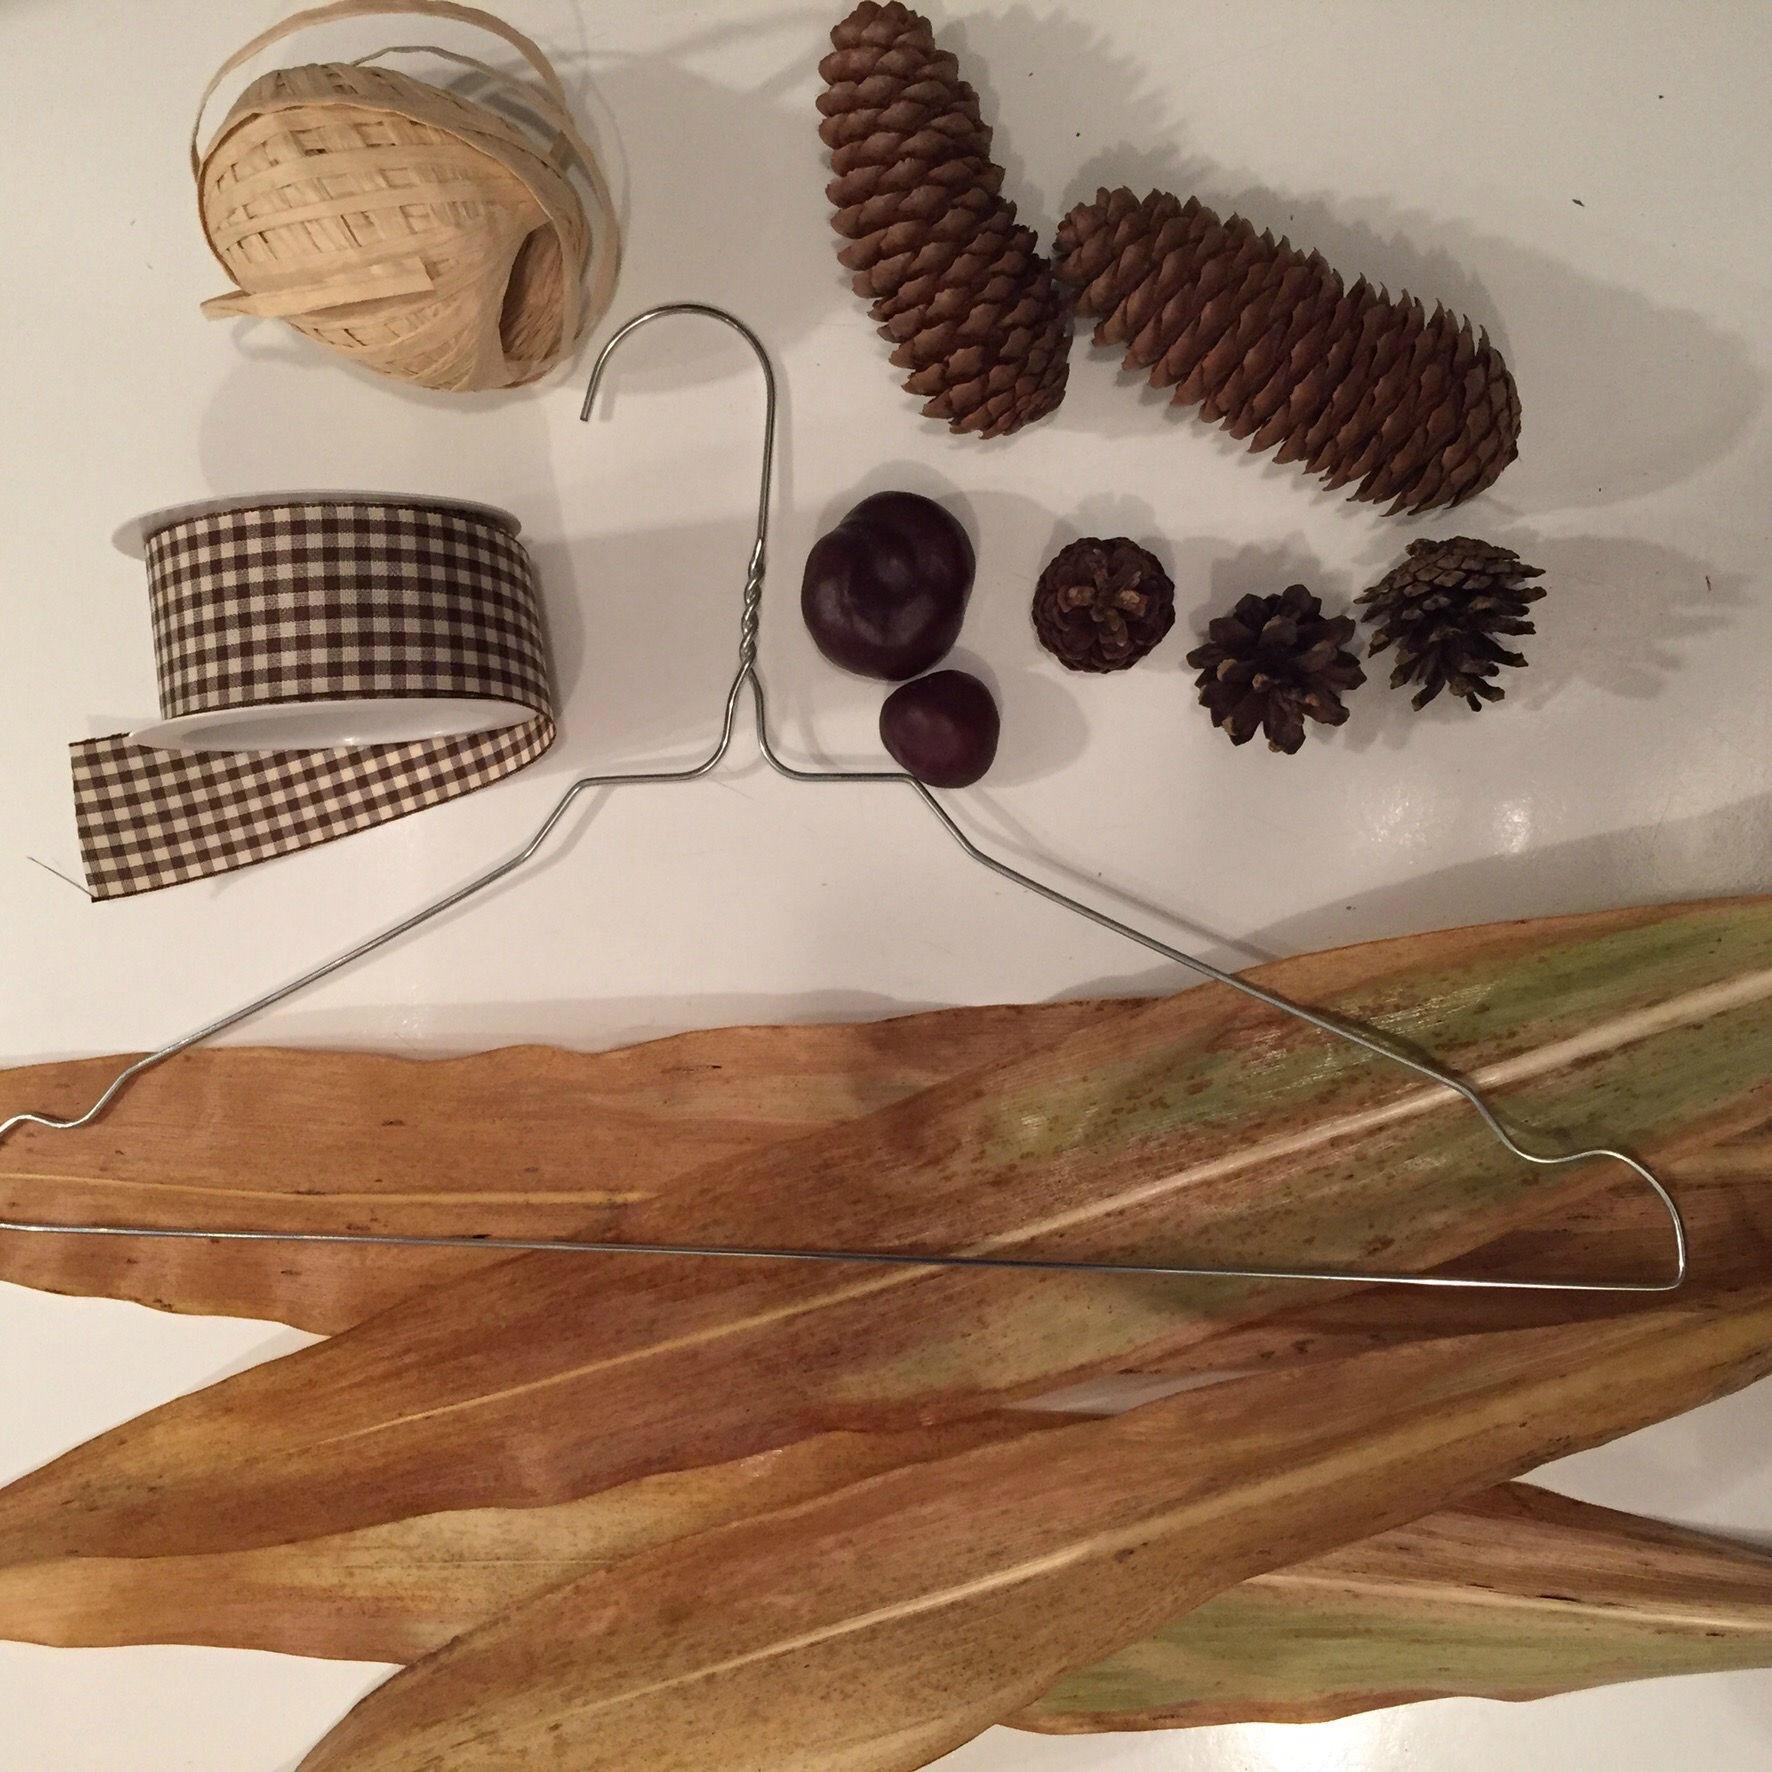 Corn Husk Wreath Elements | Венец материали| Kranz aus Maisblättern für die Tür oder Wand